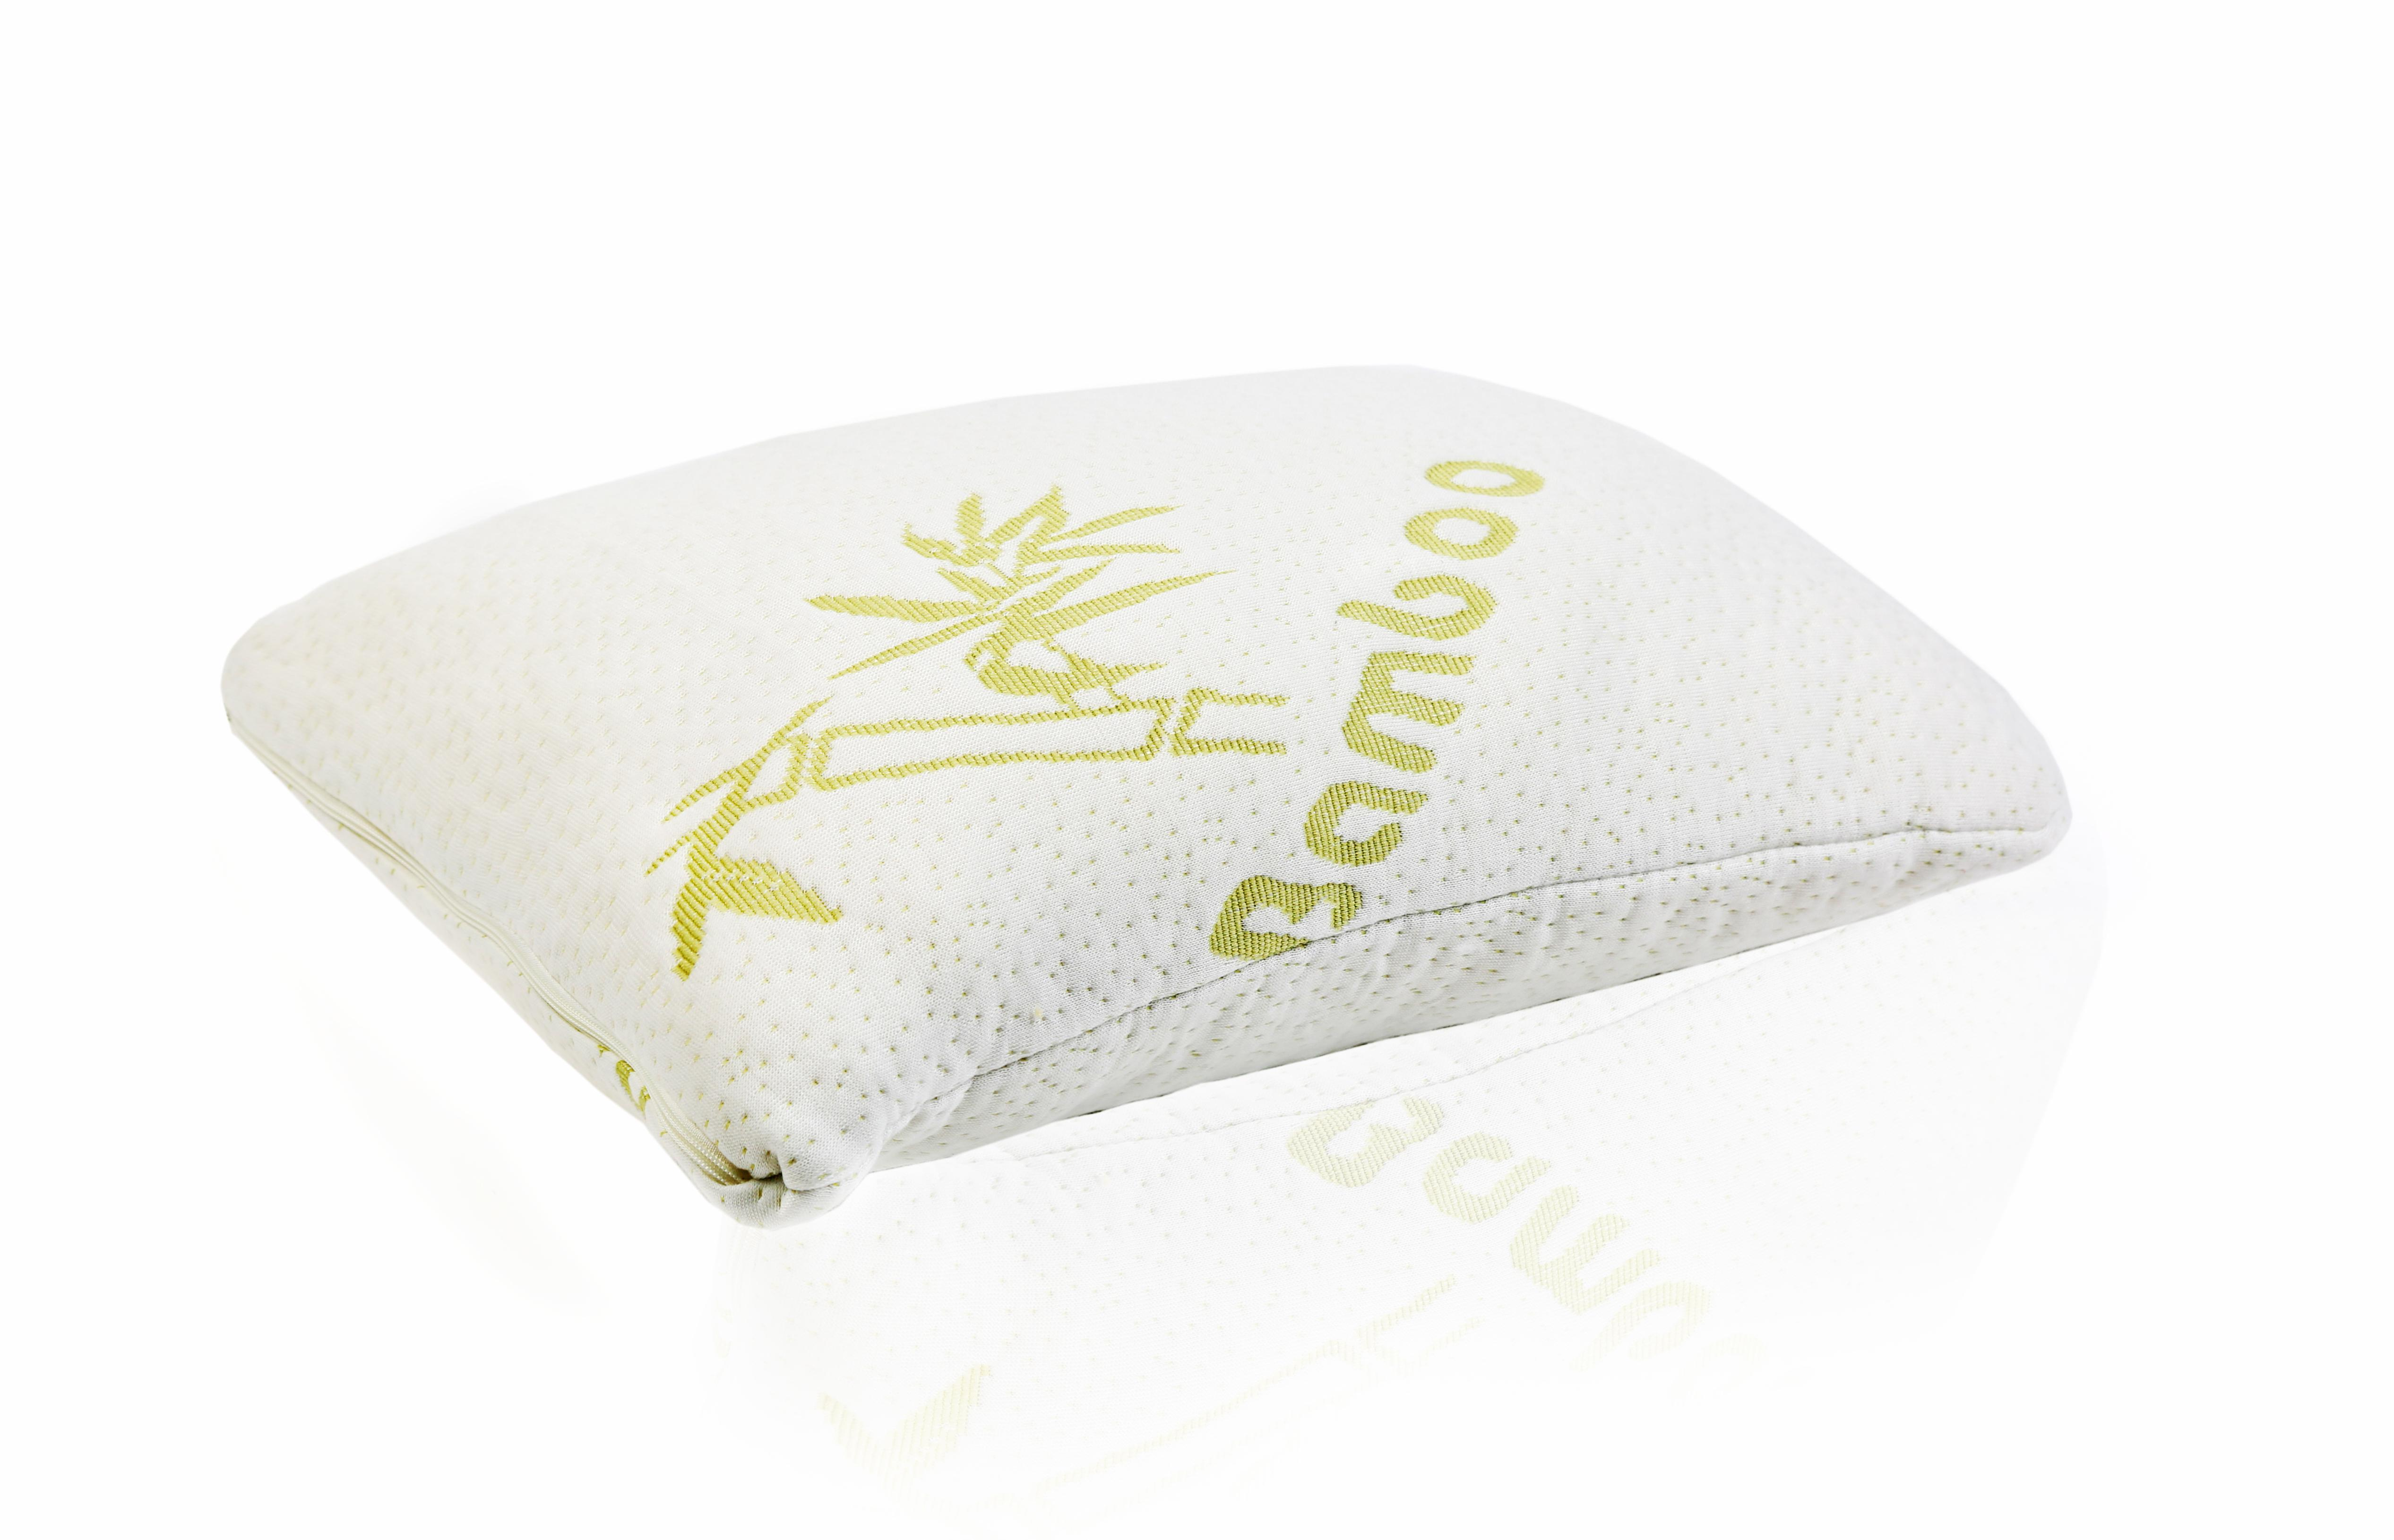 memory foam pillow lifespan